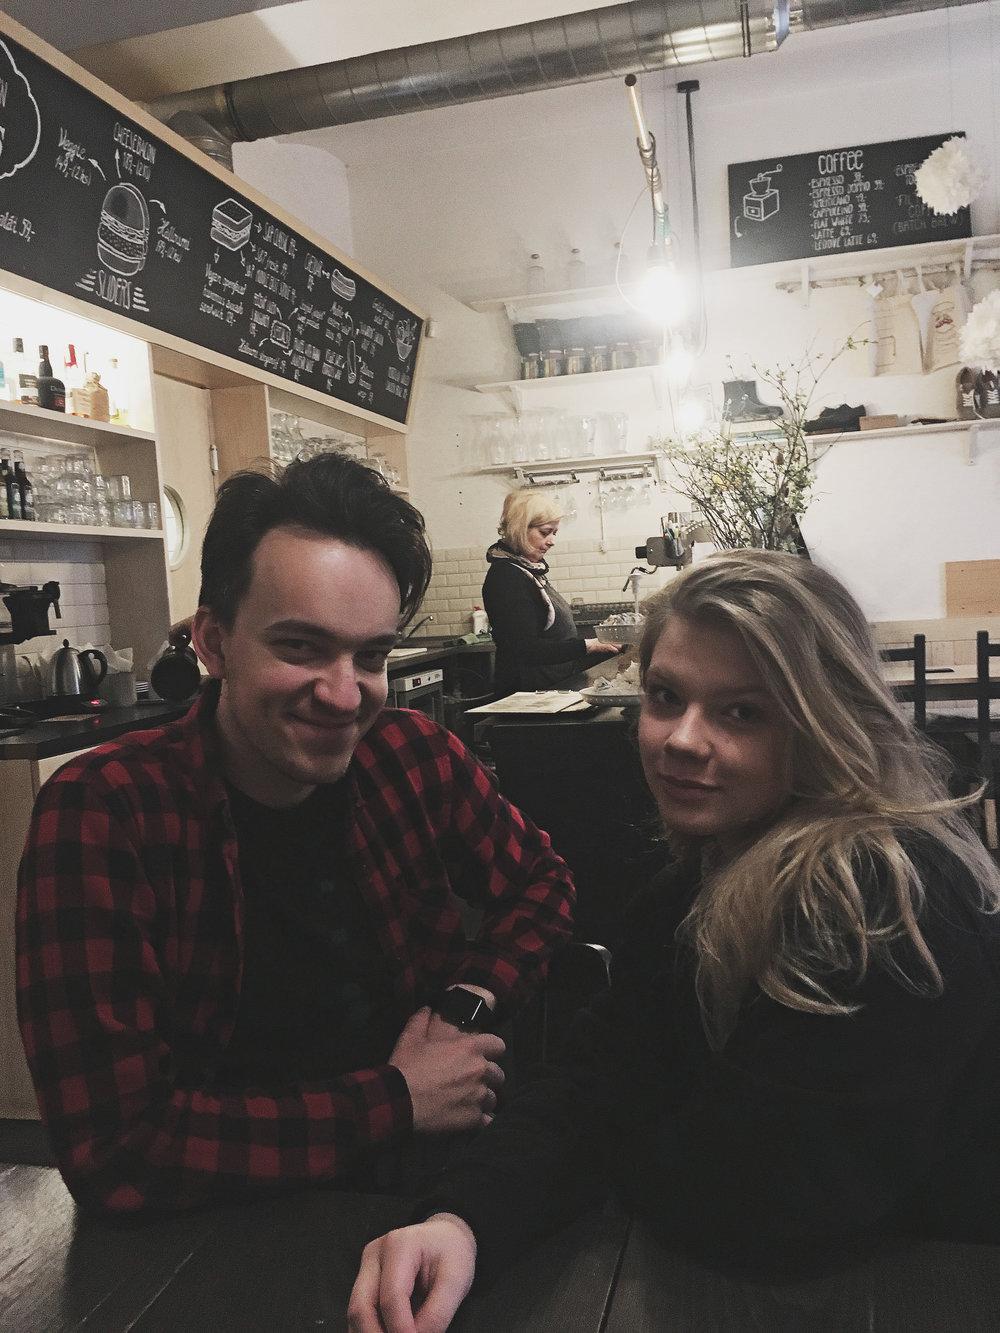 Matěj and my friend Karolina on a Sunday brunch